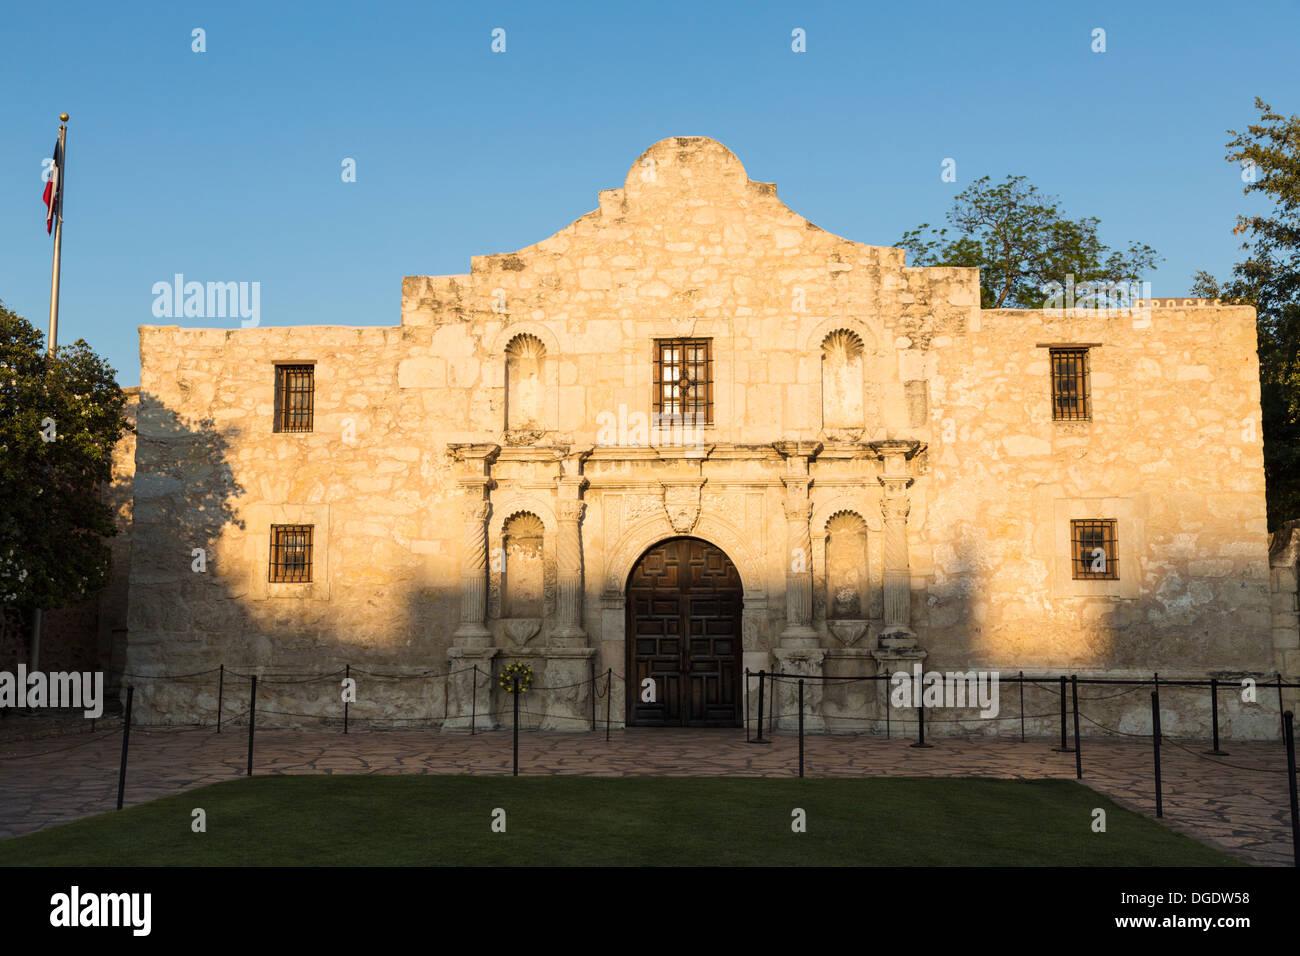 The Alamo on a sunny day San Antonio Texas USA - Stock Image